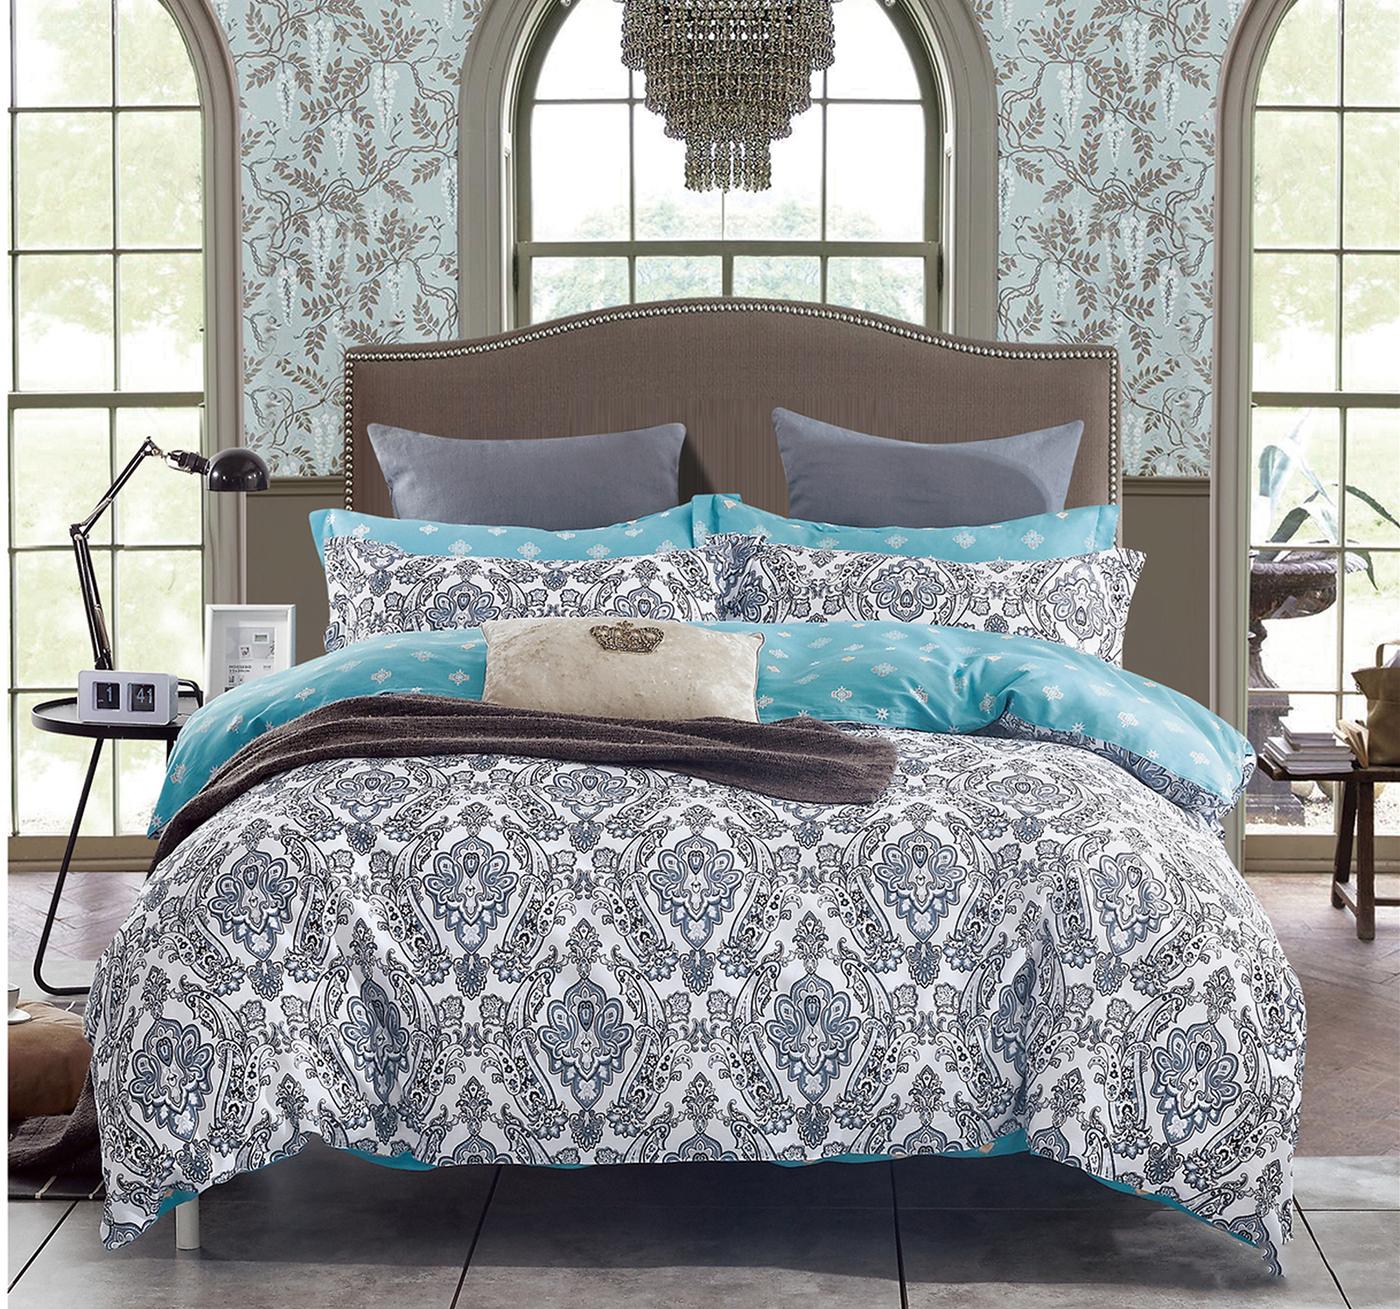 Комплект постельного белья Альвитек CA-4-130, сатин, 2-х спальный, нав-ки 70х70